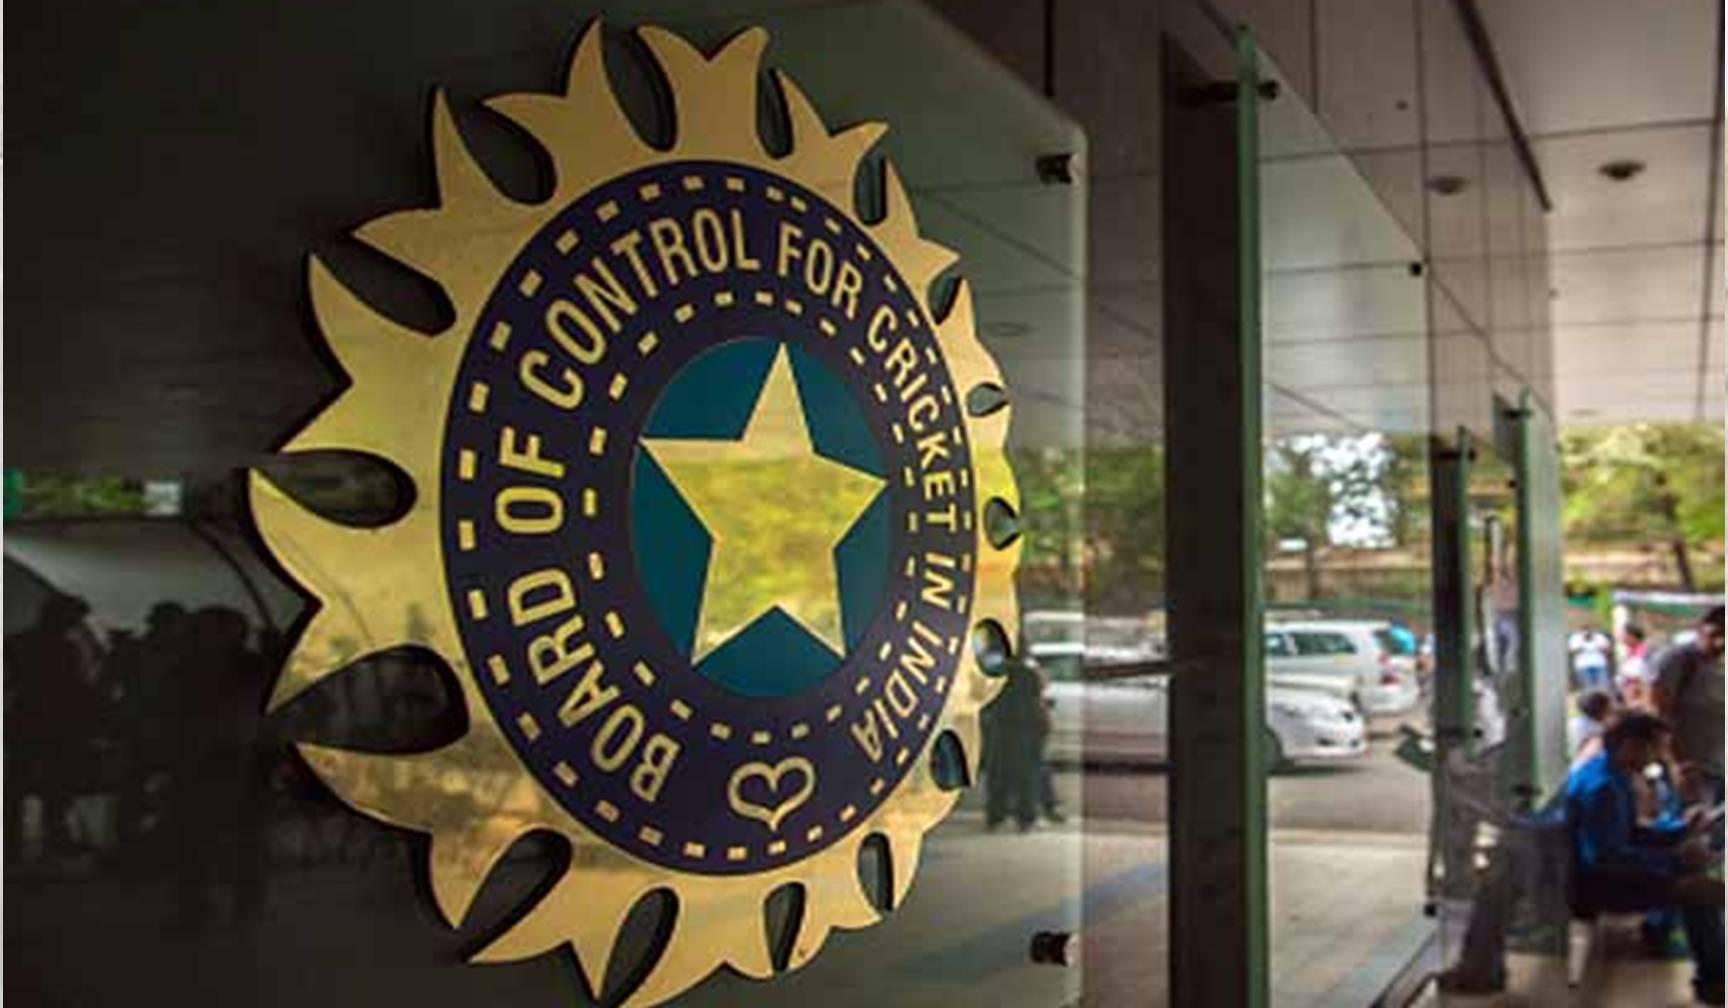 REPORTS: विराट कोहली समेत ये खिलाड़ी नहीं होंगे वेस्टइंडीज के खिलाफ वनडे सीरीज का हिस्सा 1